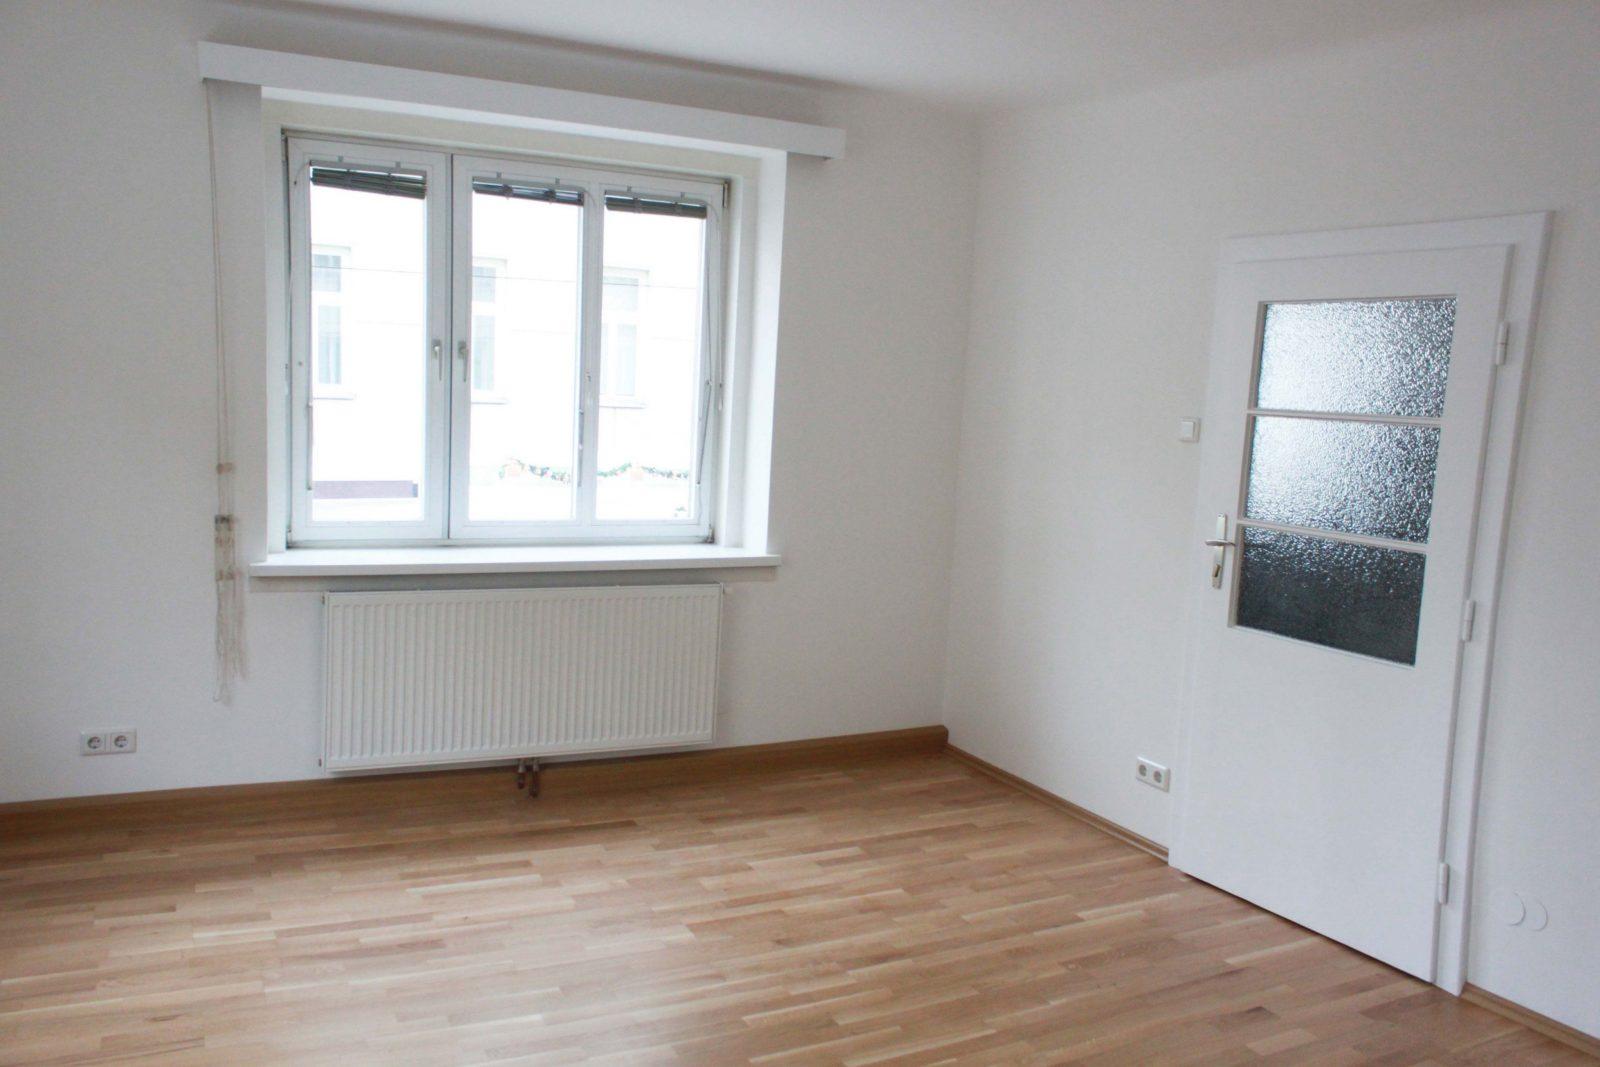 Wohnung Mieten Von Privat Ohne Provision Nürnberg  Beste Sammlung von Wohnung Mieten Nürnberg Ohne Provision Bild